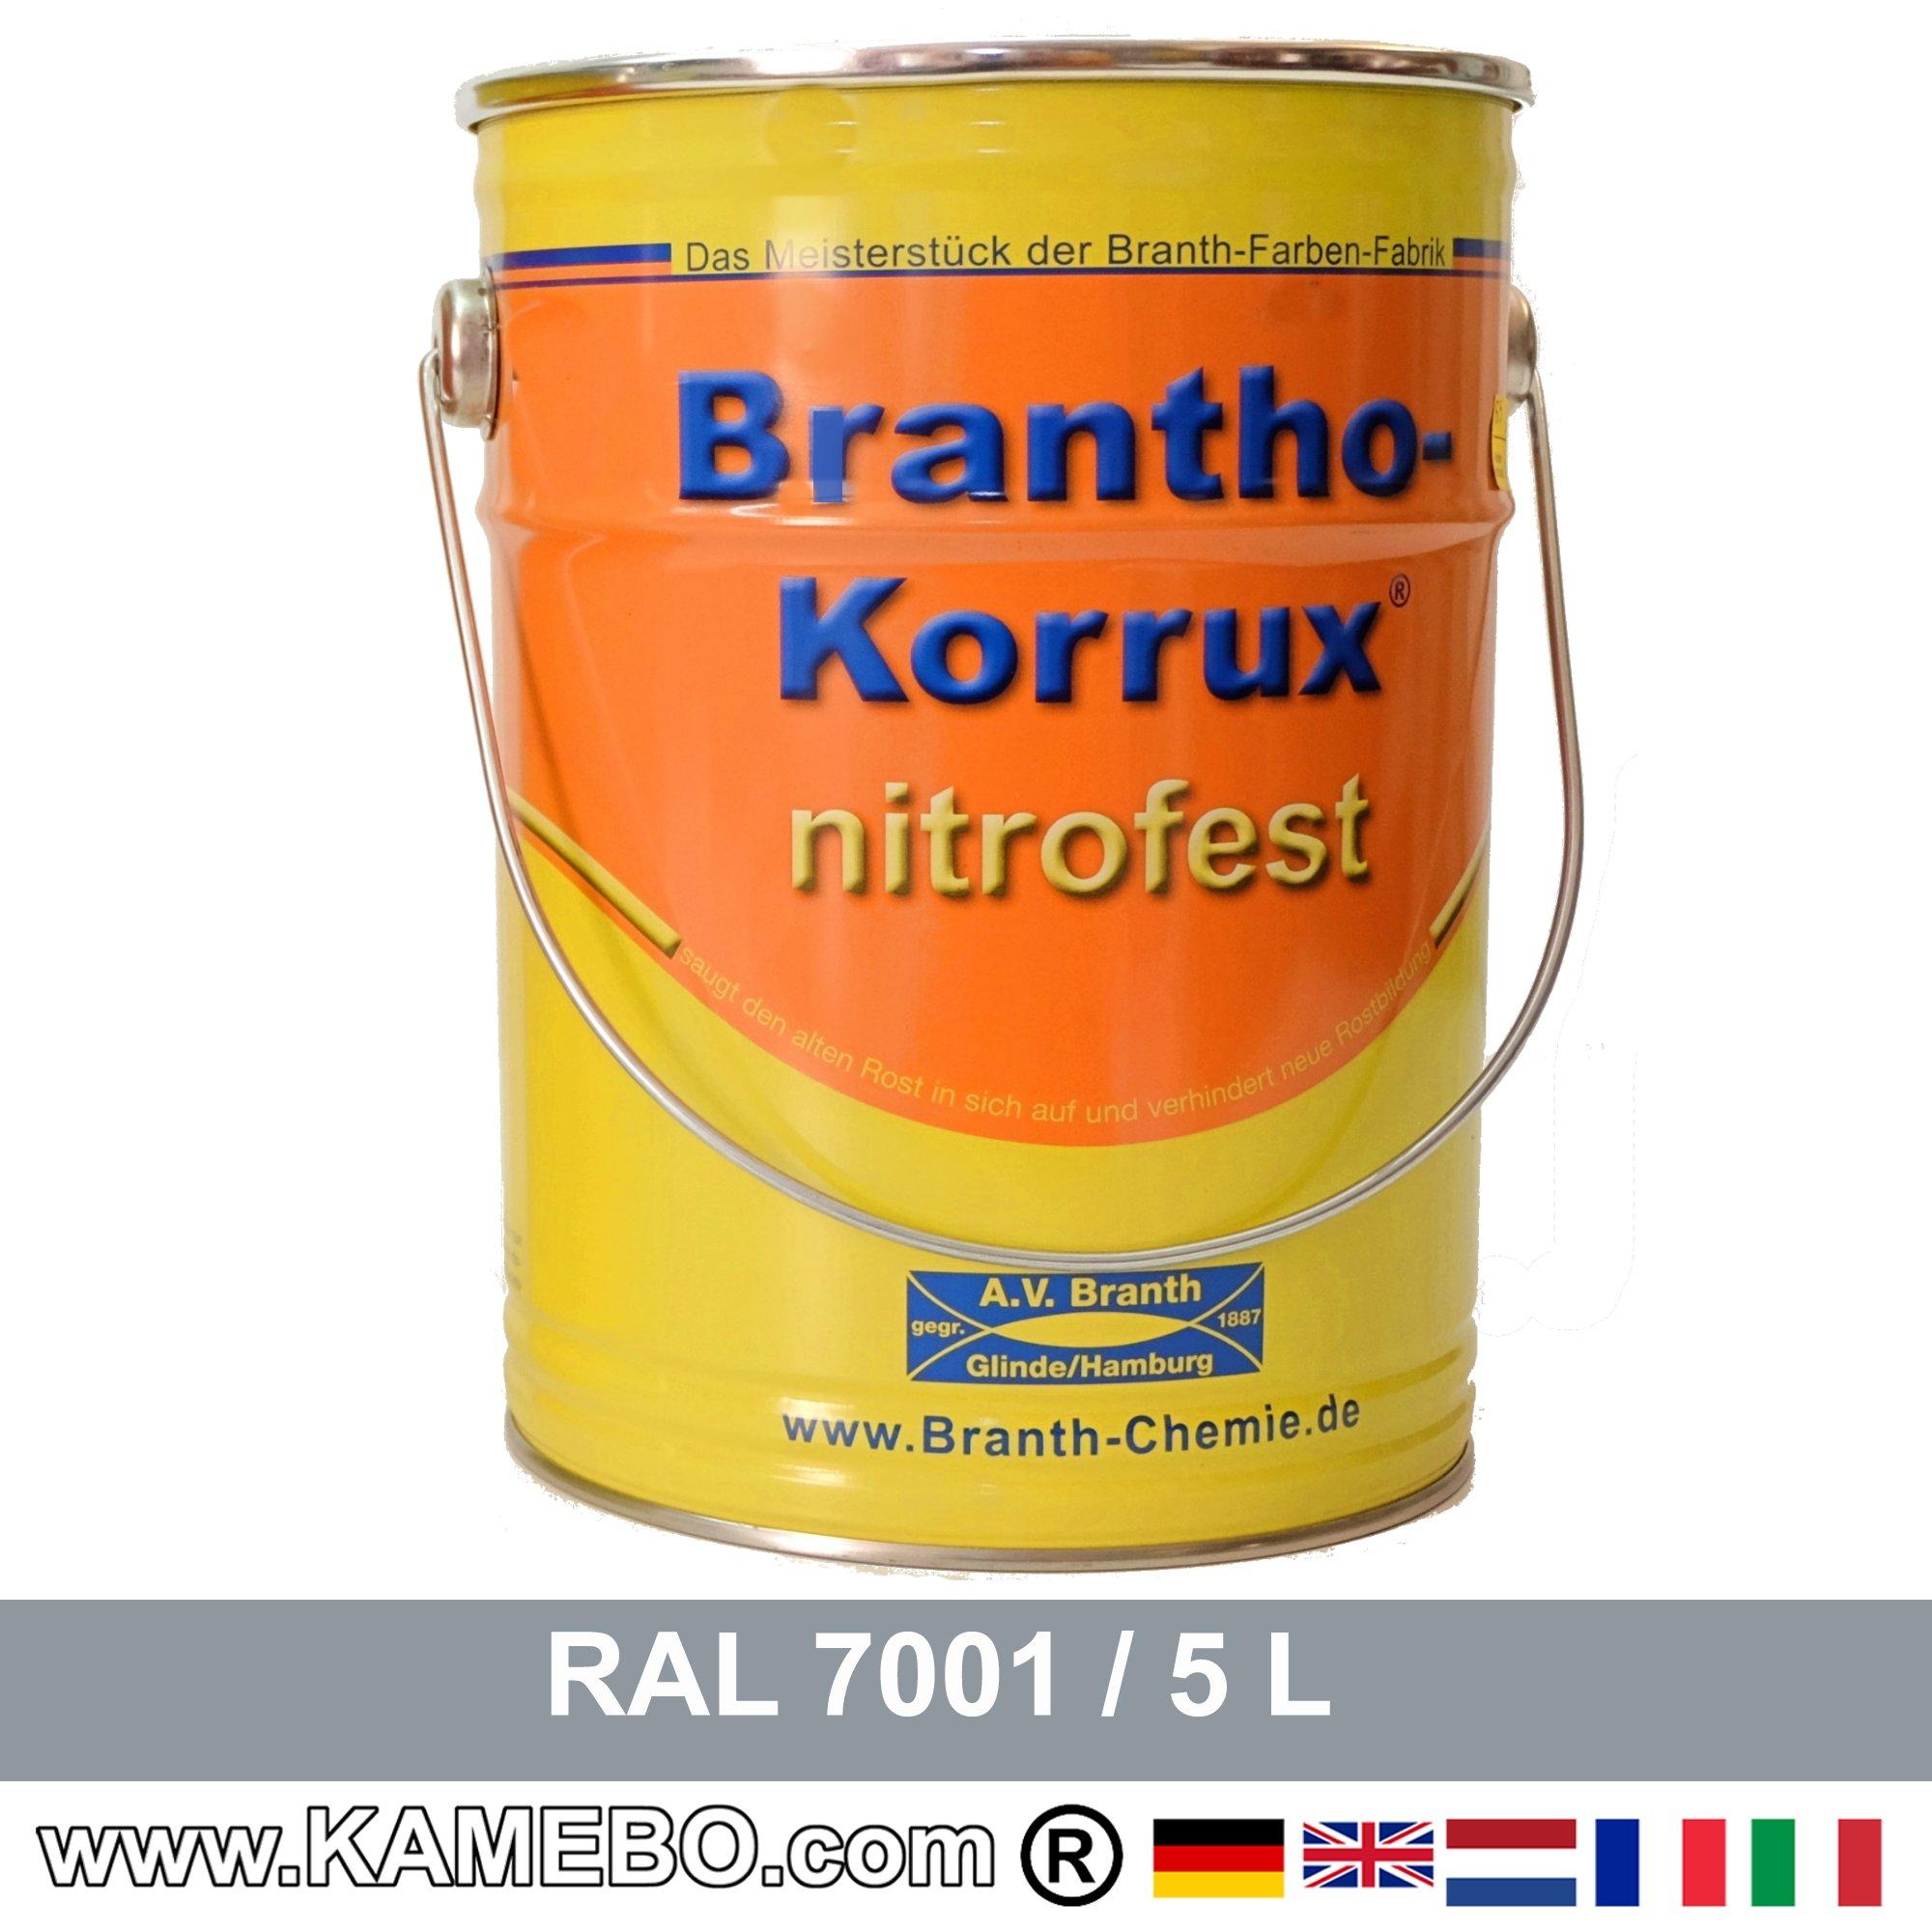 brantho korrux nitrofest korrosionsschutzlack ral 7001. Black Bedroom Furniture Sets. Home Design Ideas